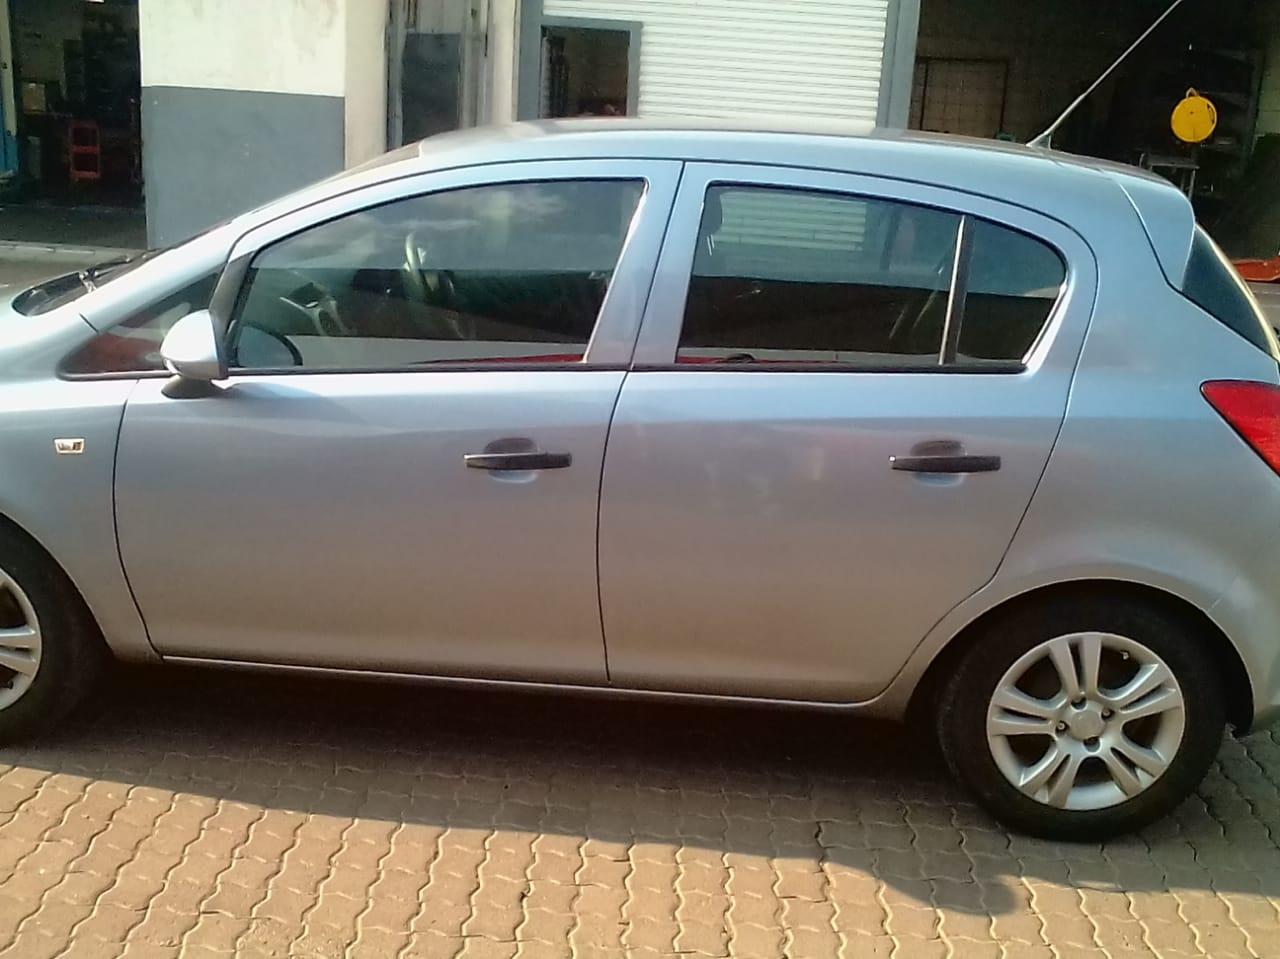 2009 Opel Corsa hatch 5-door CORSA 1.4 ENJOY A/T 5DR